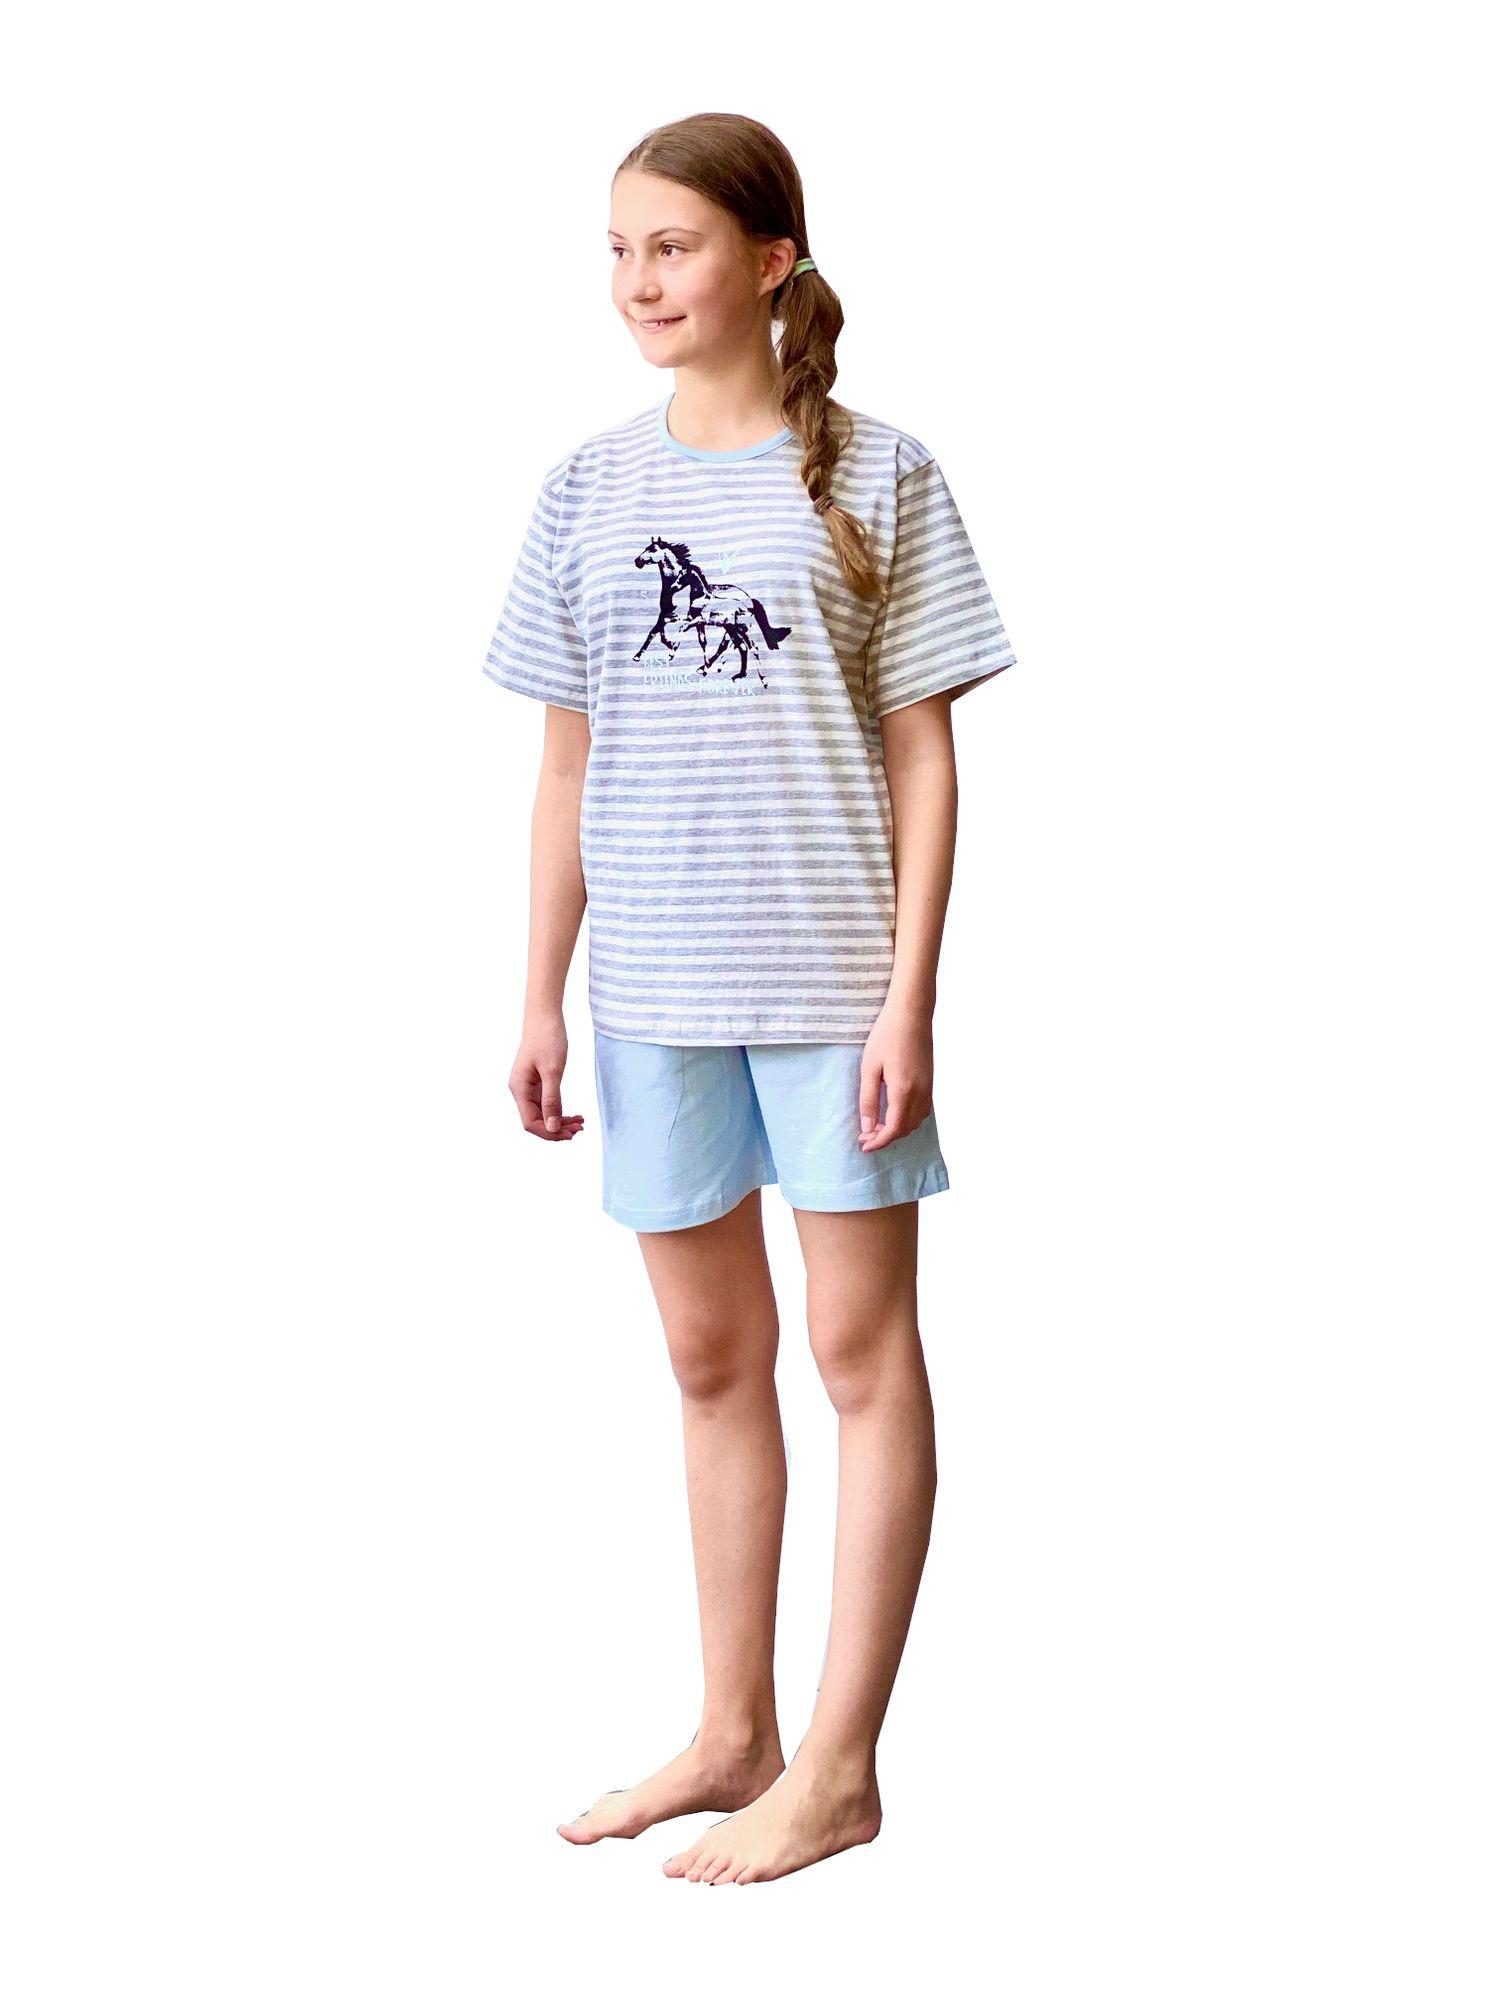 63857 Cooler Mädchen Shorty Pyjama Schlafanzug kurzarm in tollem Ethno-Look